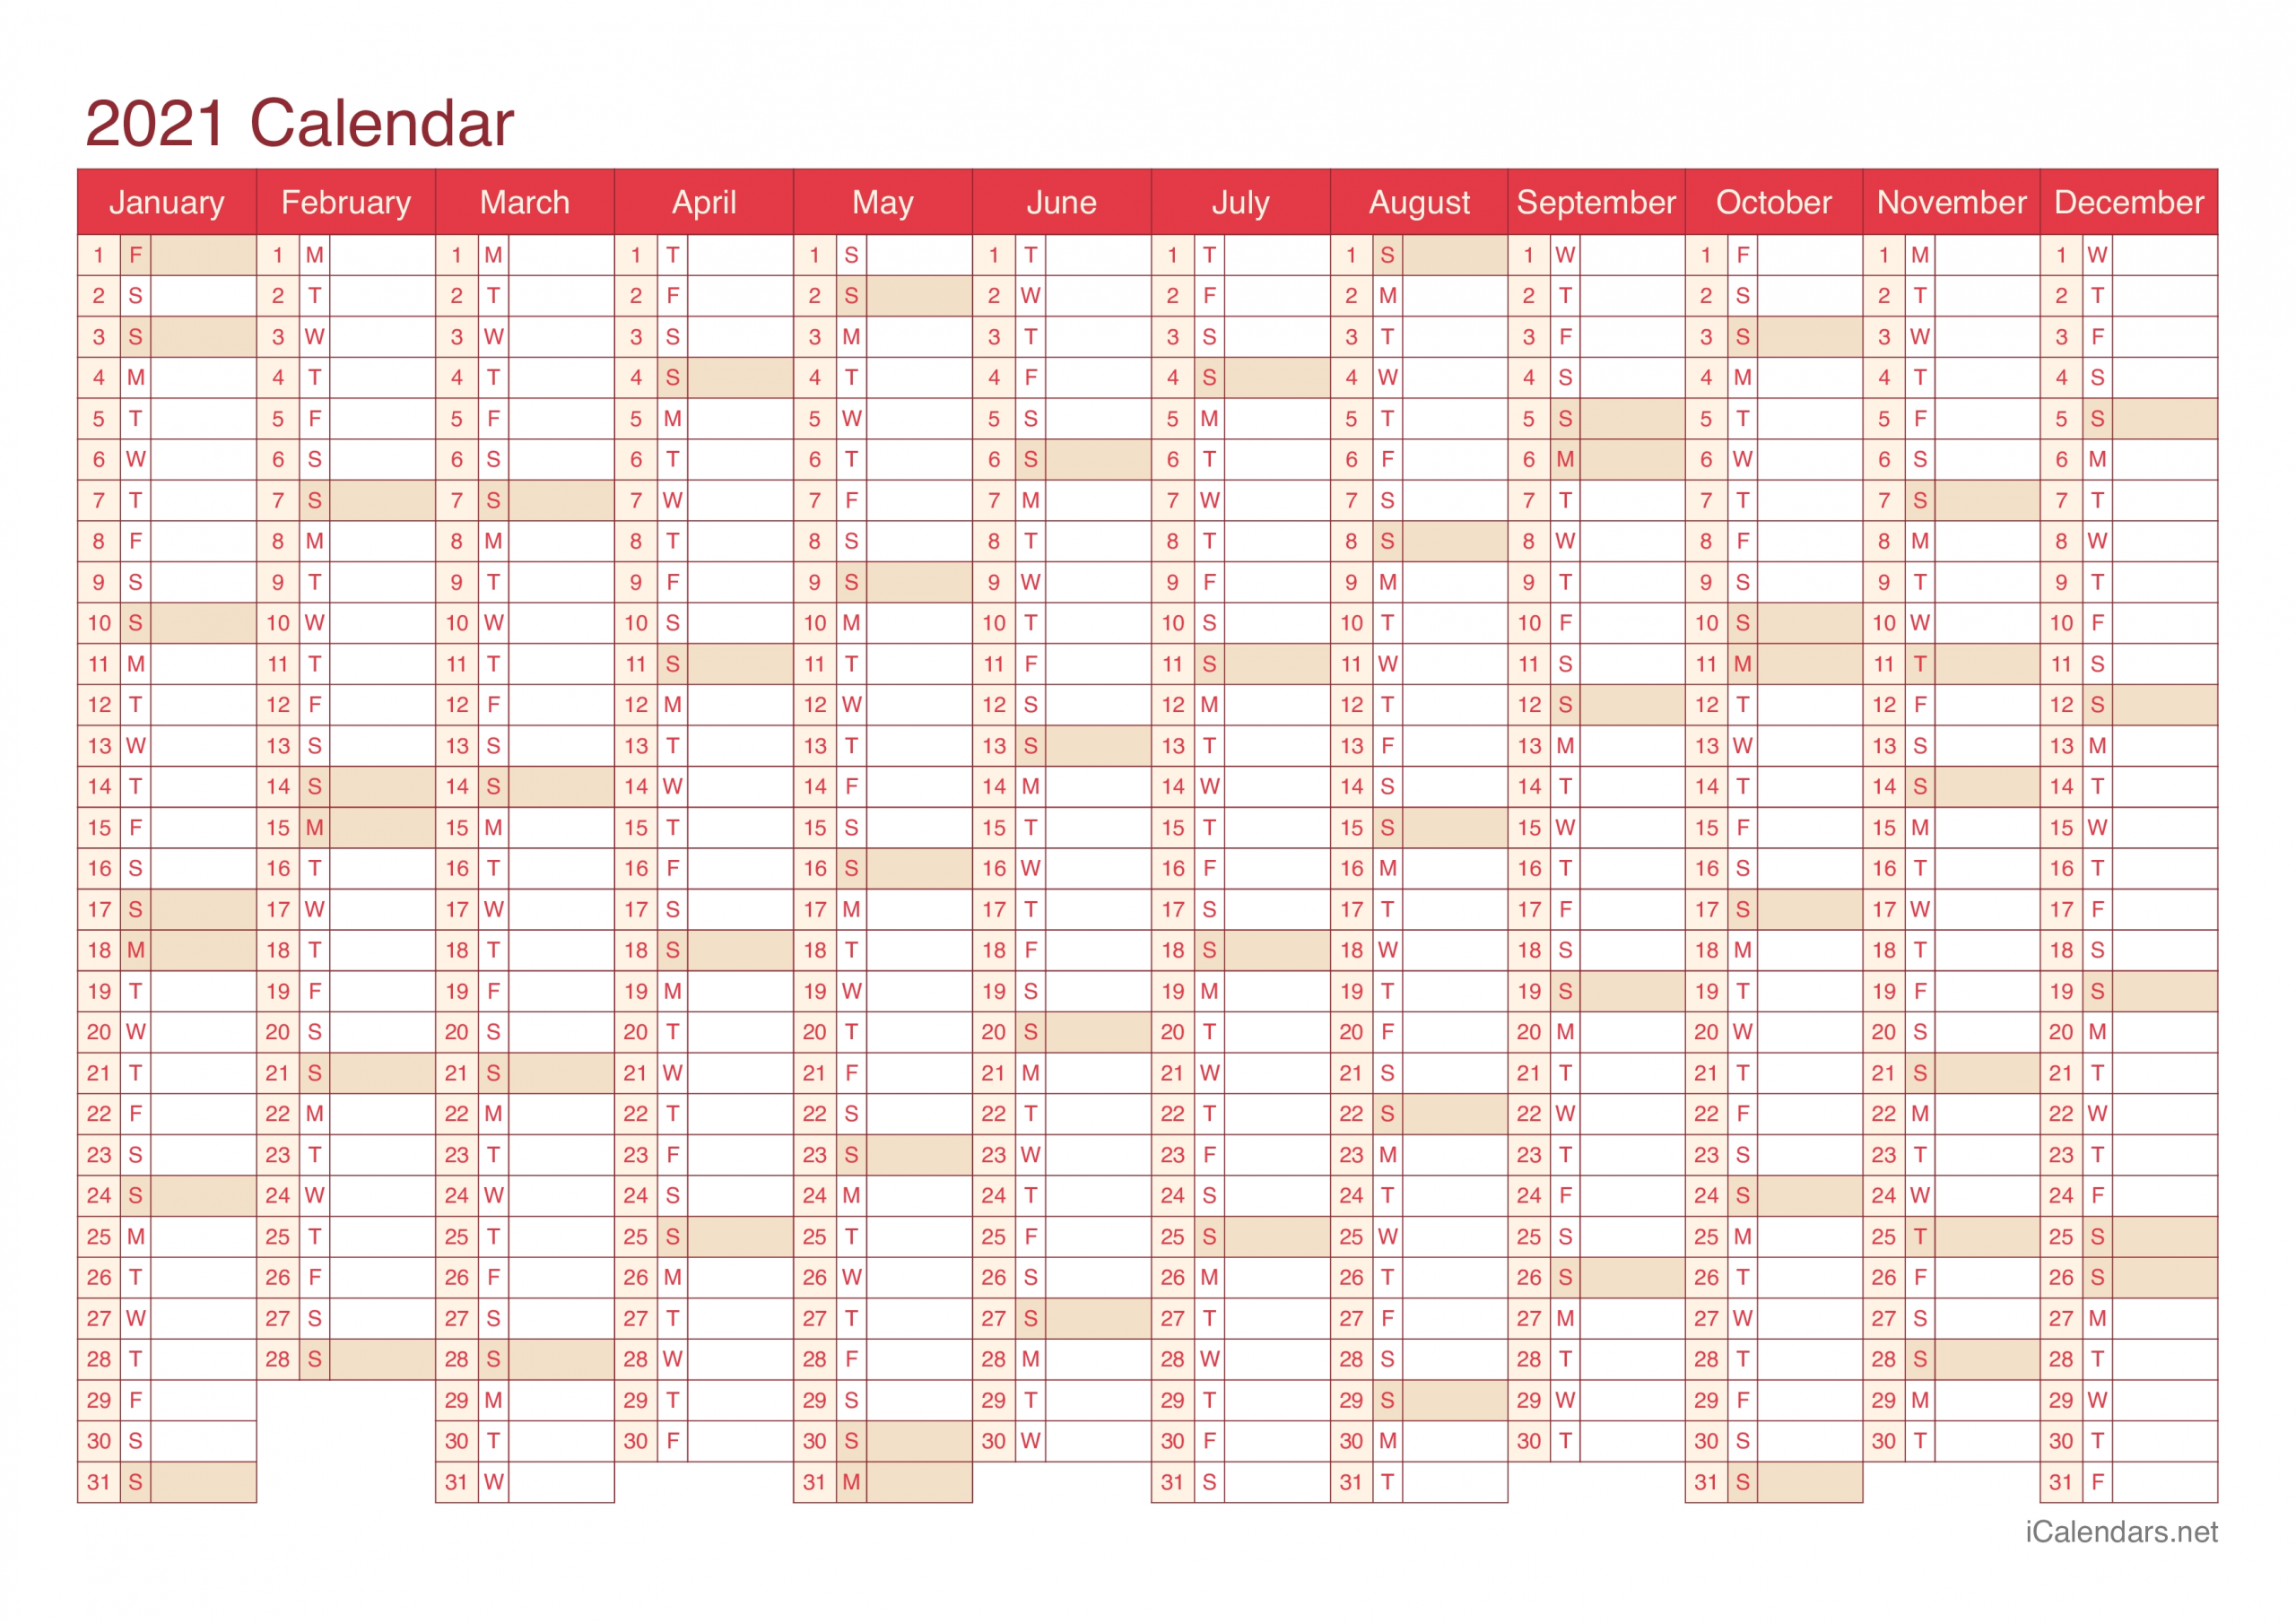 2021 Printable Calendar - Pdf Or Excel - Icalendars in 2021 Calendar In Excel